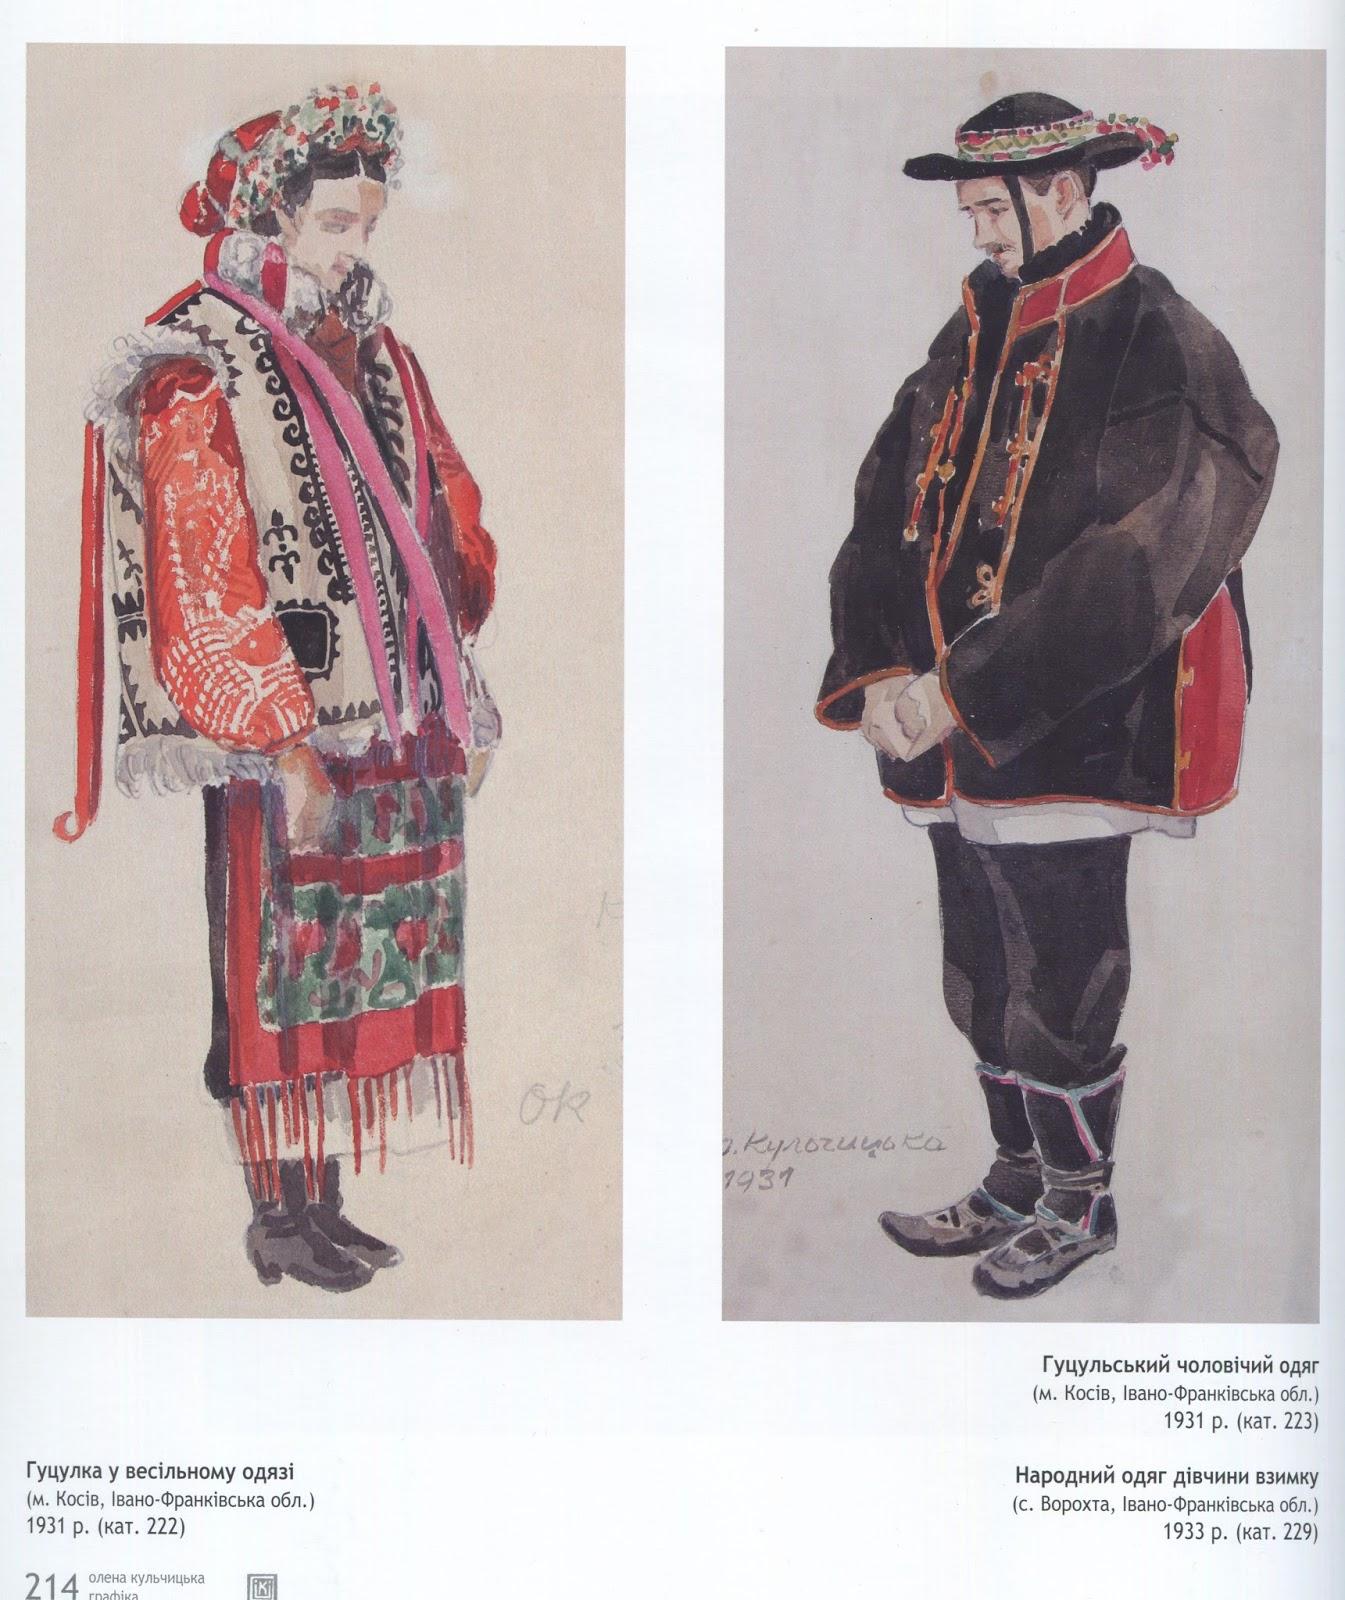 Наприкінці 1938 року Олена Кульчицька з сестрою та матір ю переїжджає до  Львова і оселяється біля Святоюрської гори. У Львові ab8a902592d51